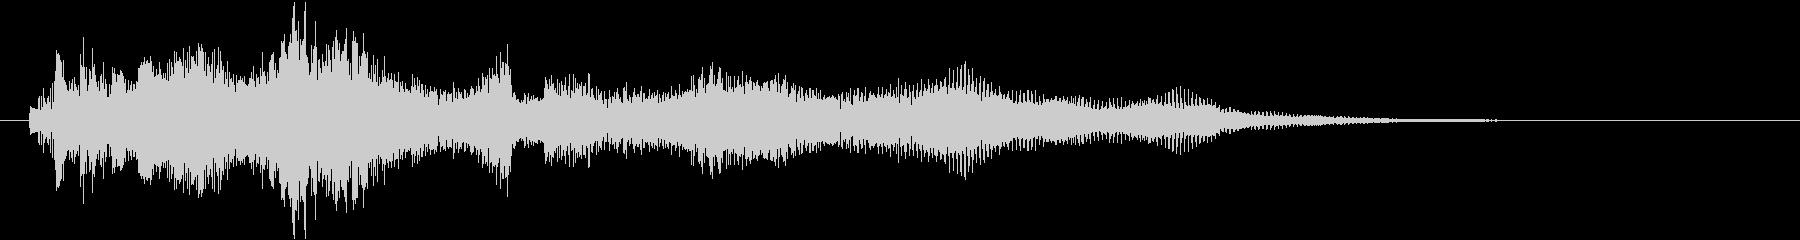 幻想的なサウンドロゴの未再生の波形